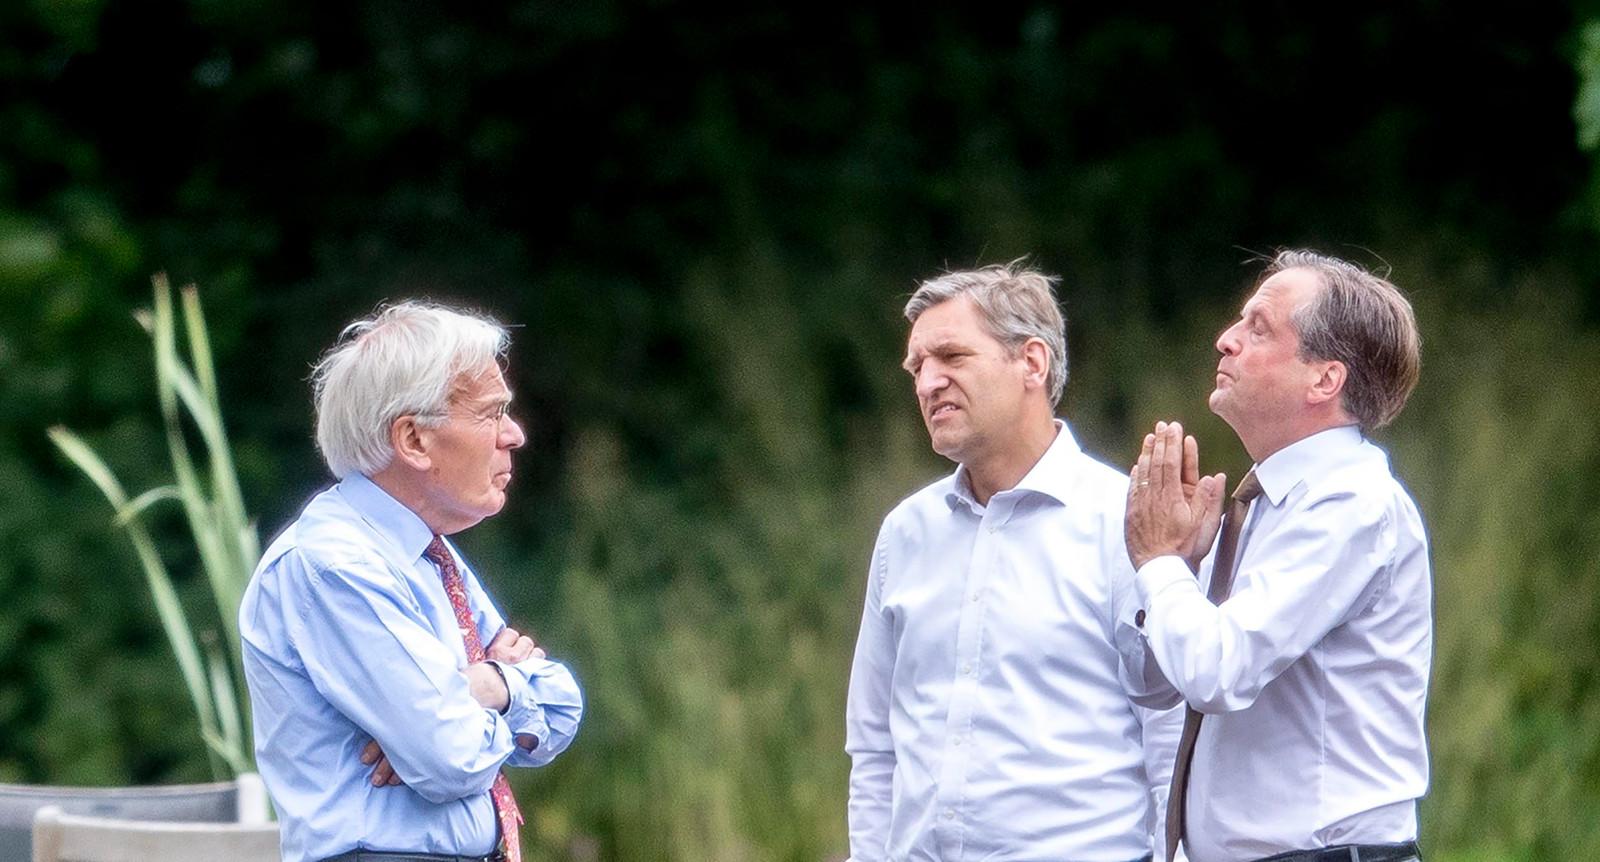 Een onderonsje tussen informateur Tjeenk Willink, D66-leider Alexander Pechtold en CDA-leider Sybrand Buma in de tuin van het Catshuis.